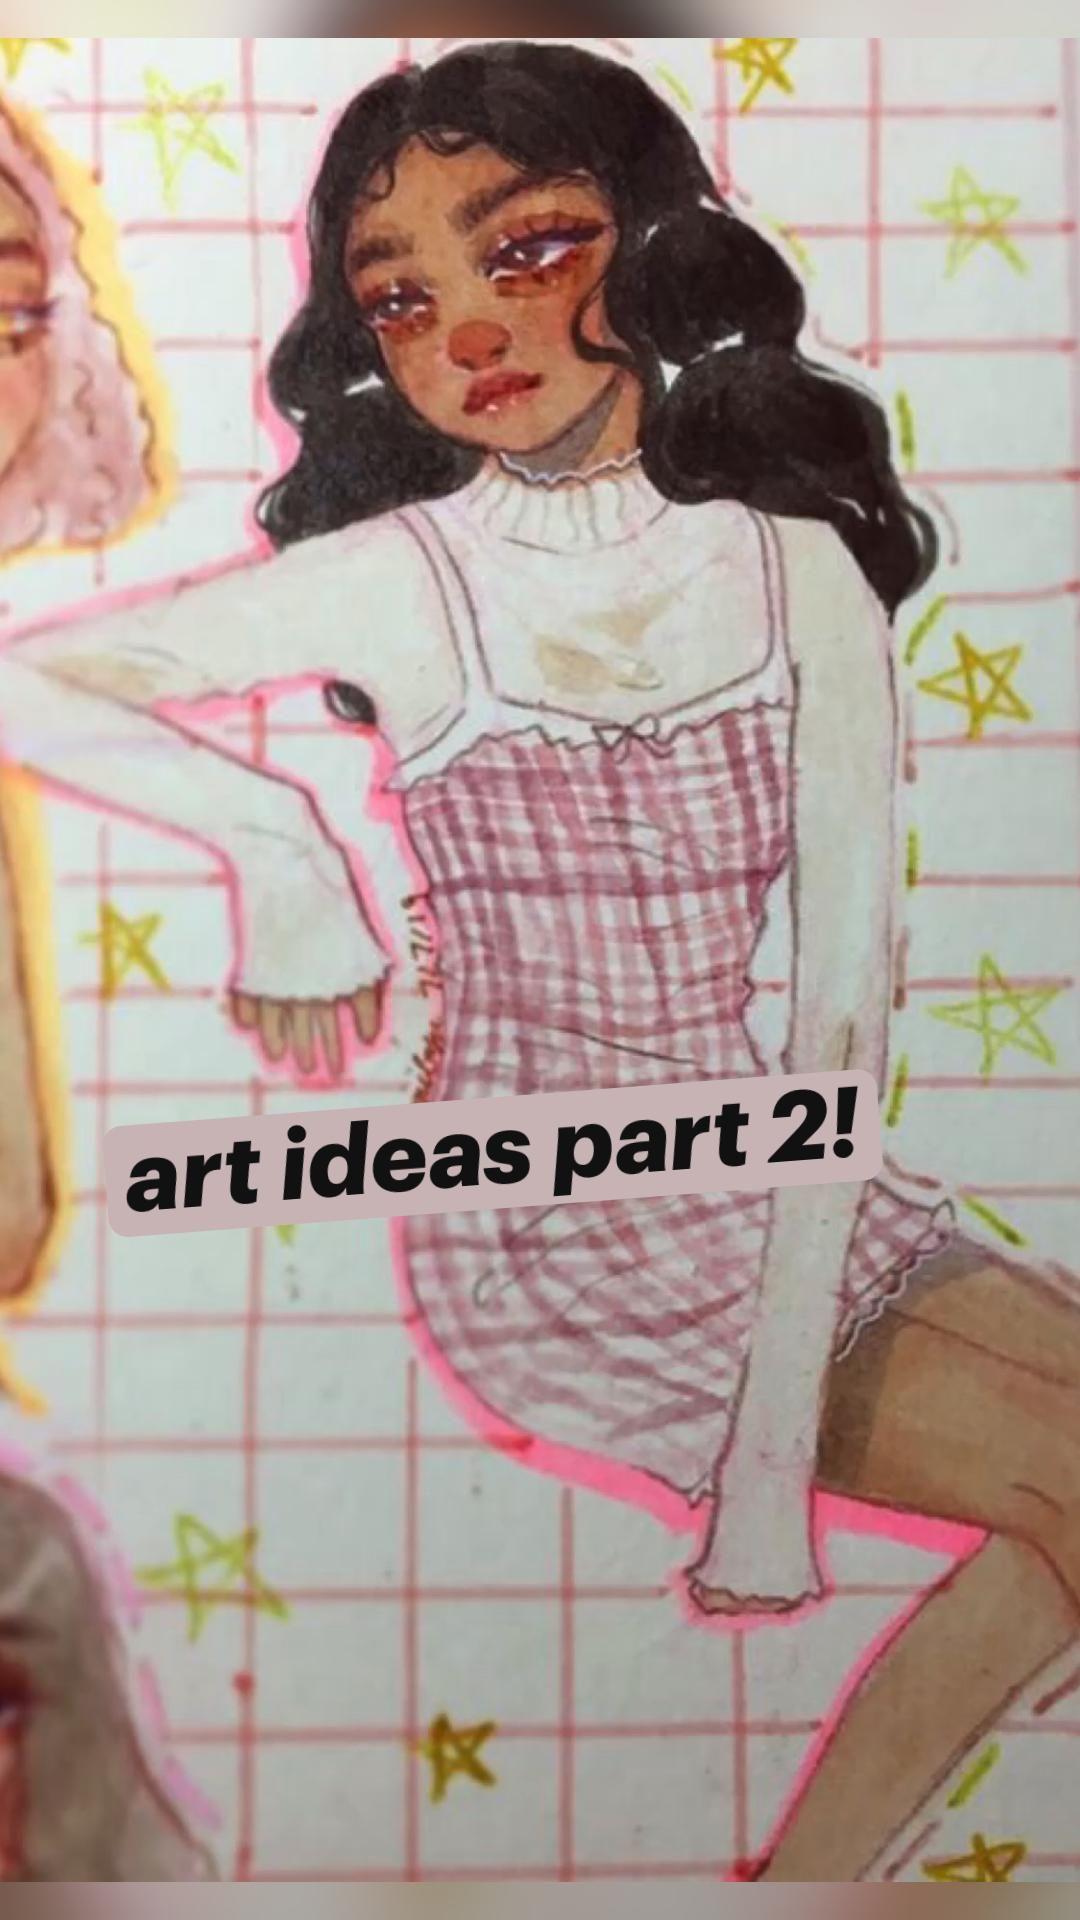 art ideas part 2!